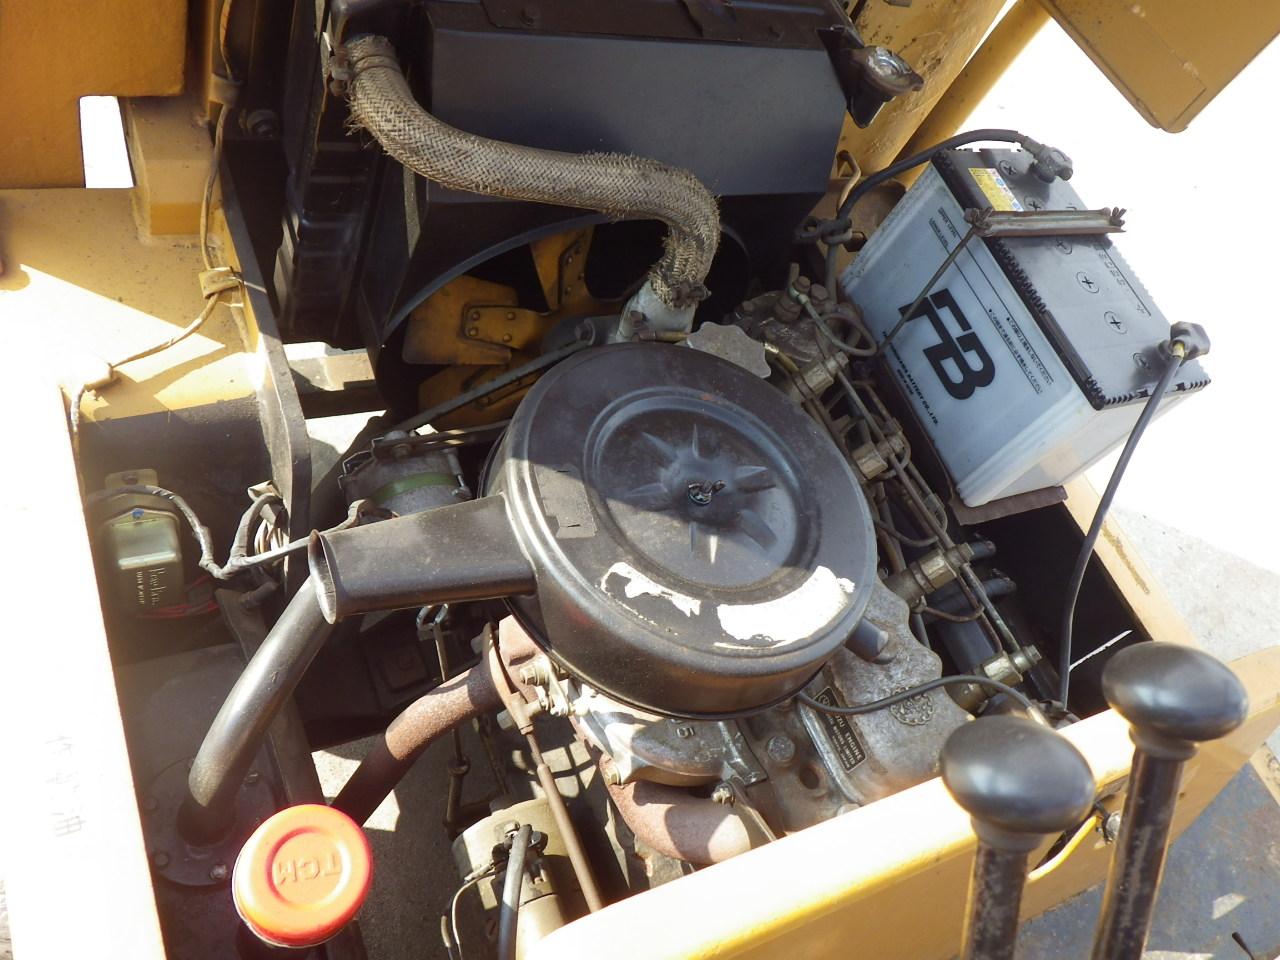 Xe nâng động cơ dầu cũ TCM 2.5 tấn cao 3.5 mét Model FD25Z3 đời 1978, với càng dài 1220mm, bánh đôi tải hàng rất tốt, máy móc nhập khẩu nguyên zin